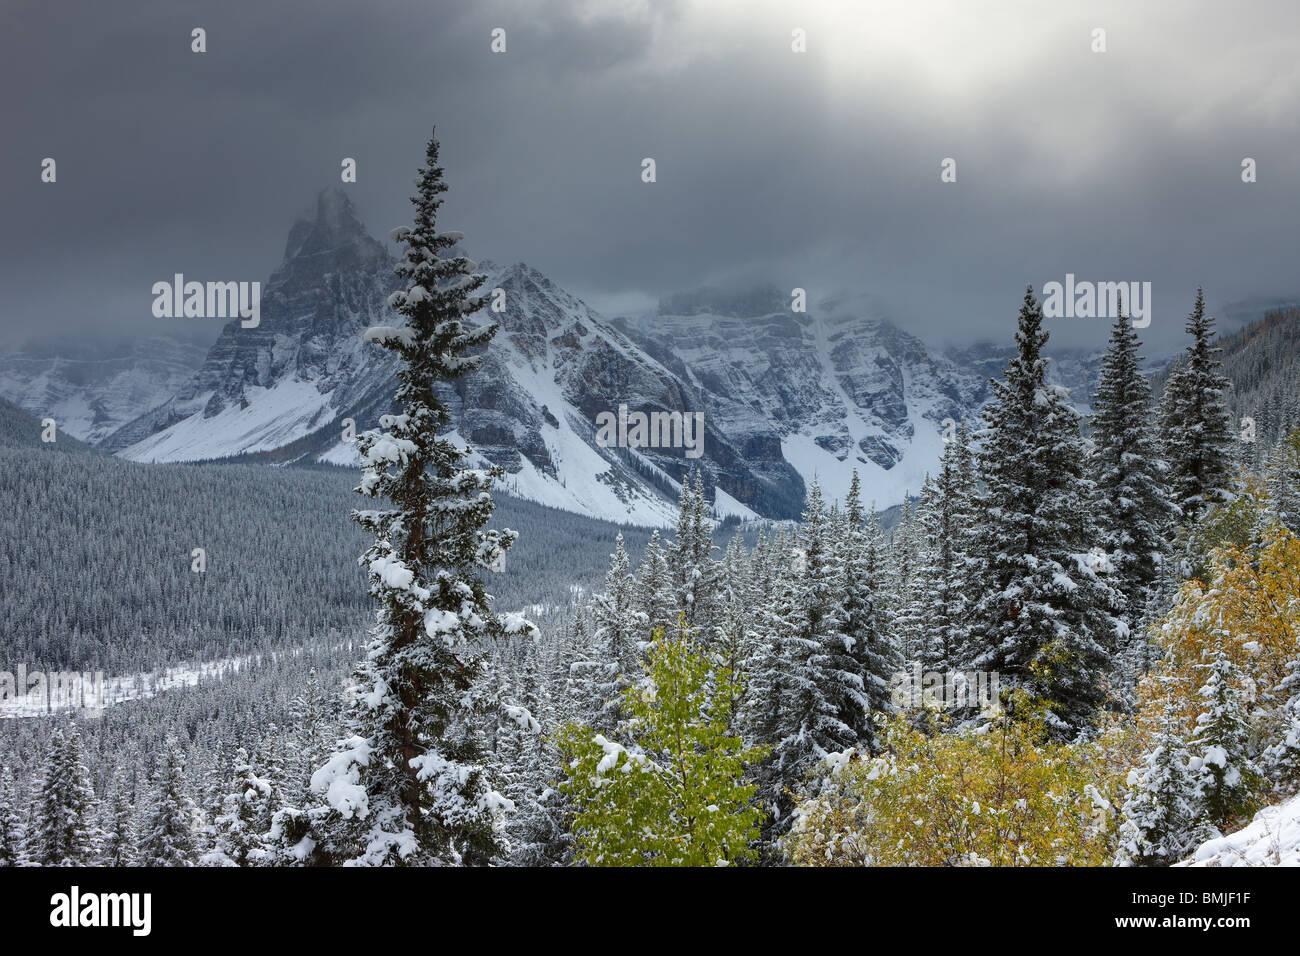 Una leggera nevicata fresca nella Valle dei Dieci Picchi, il Parco Nazionale di Banff, Alberta, Canada Immagini Stock